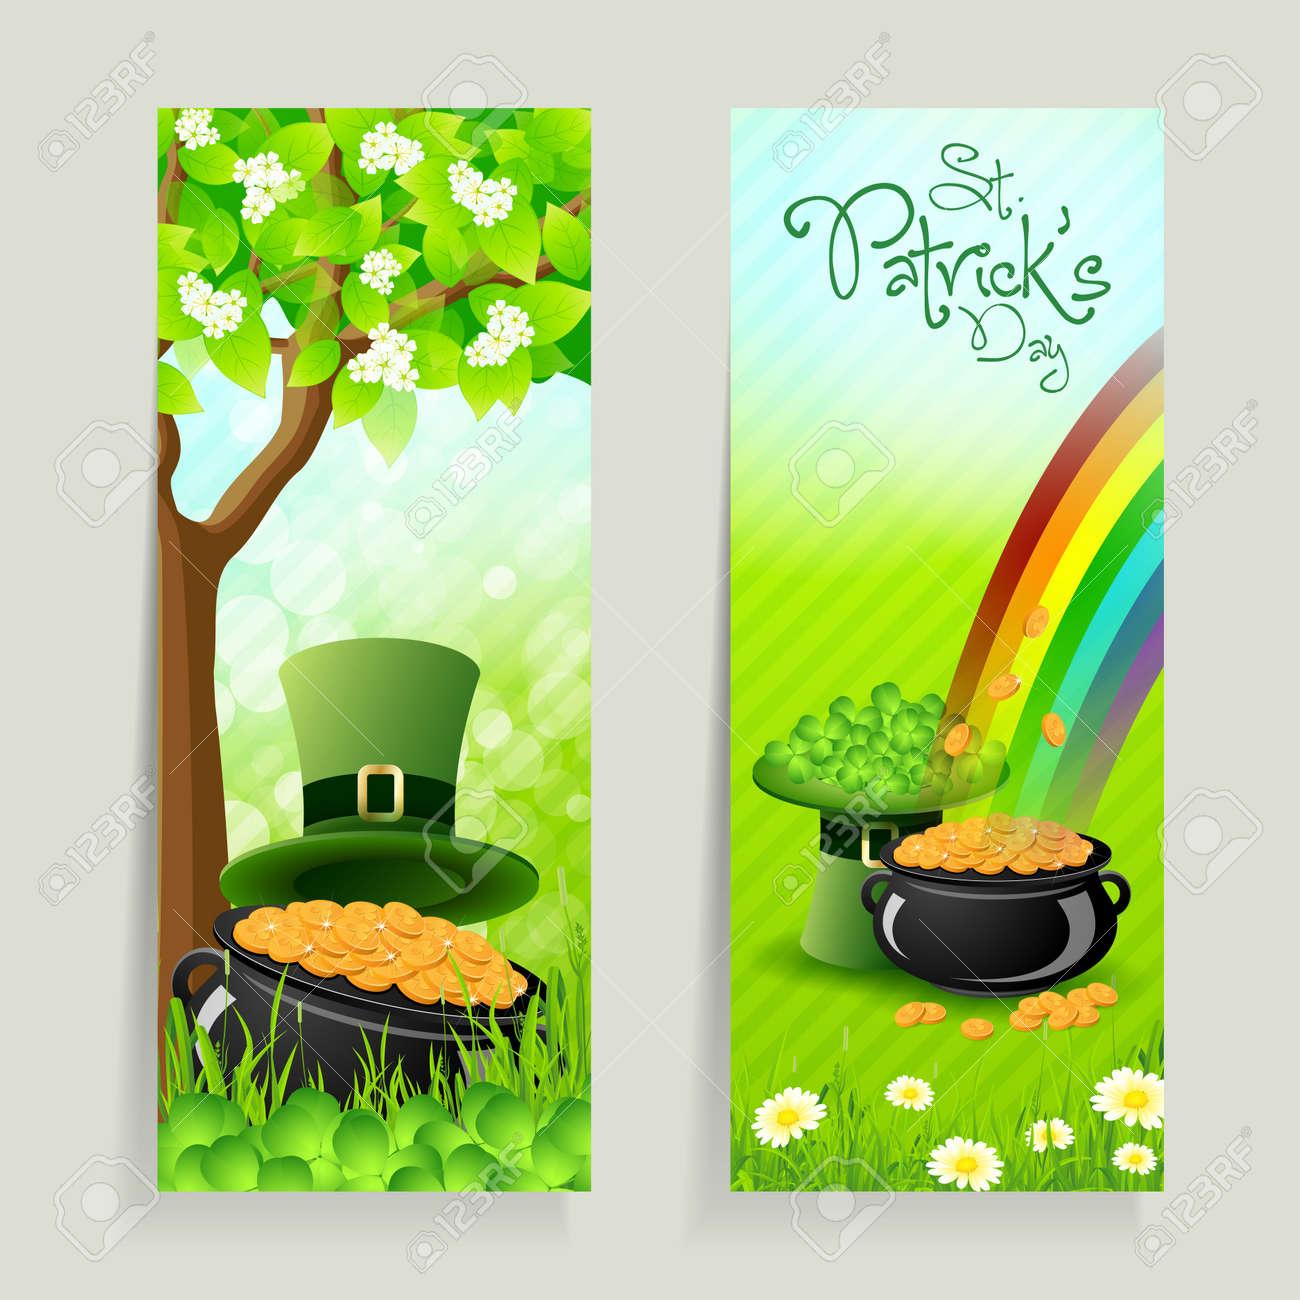 tarjetas de san patricio